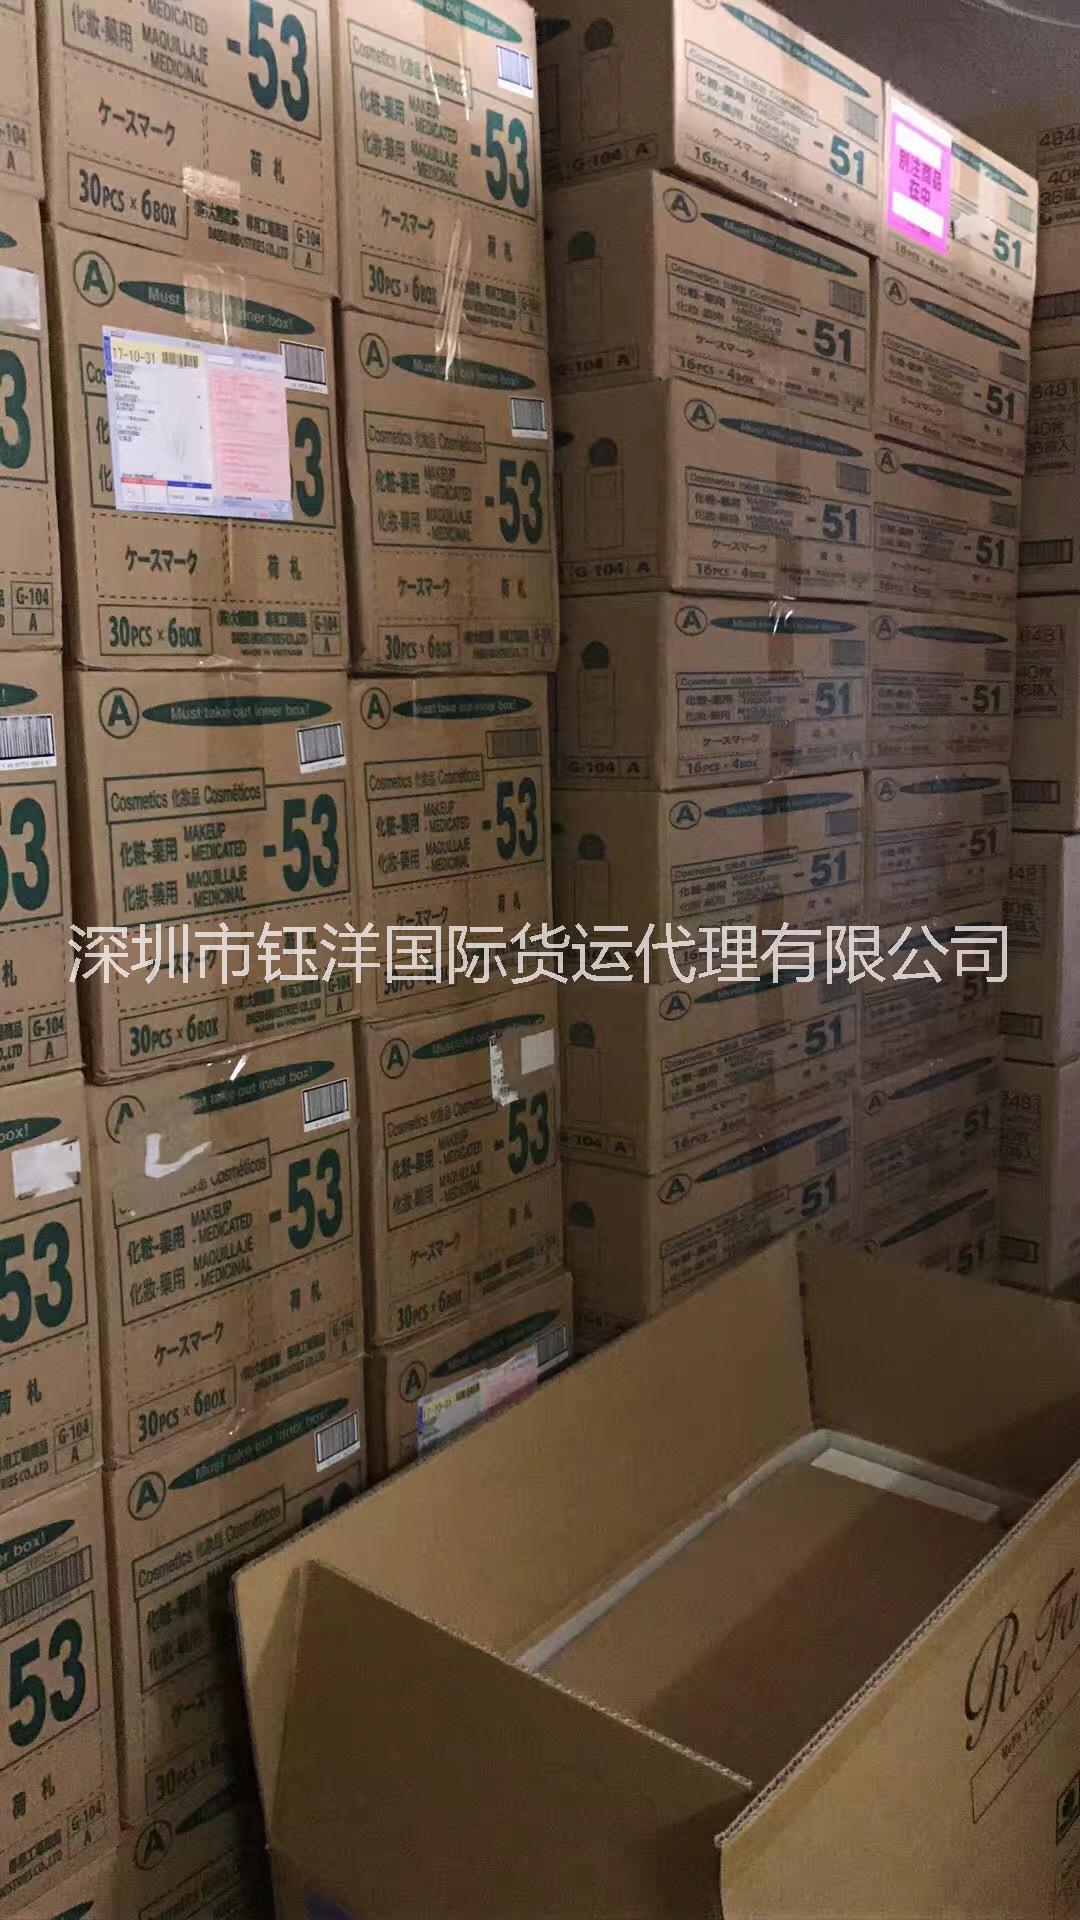 马来西亚包税进口清关物流马来西亚上门取货包税进口清关到中国派送全程服务的国际物流快递